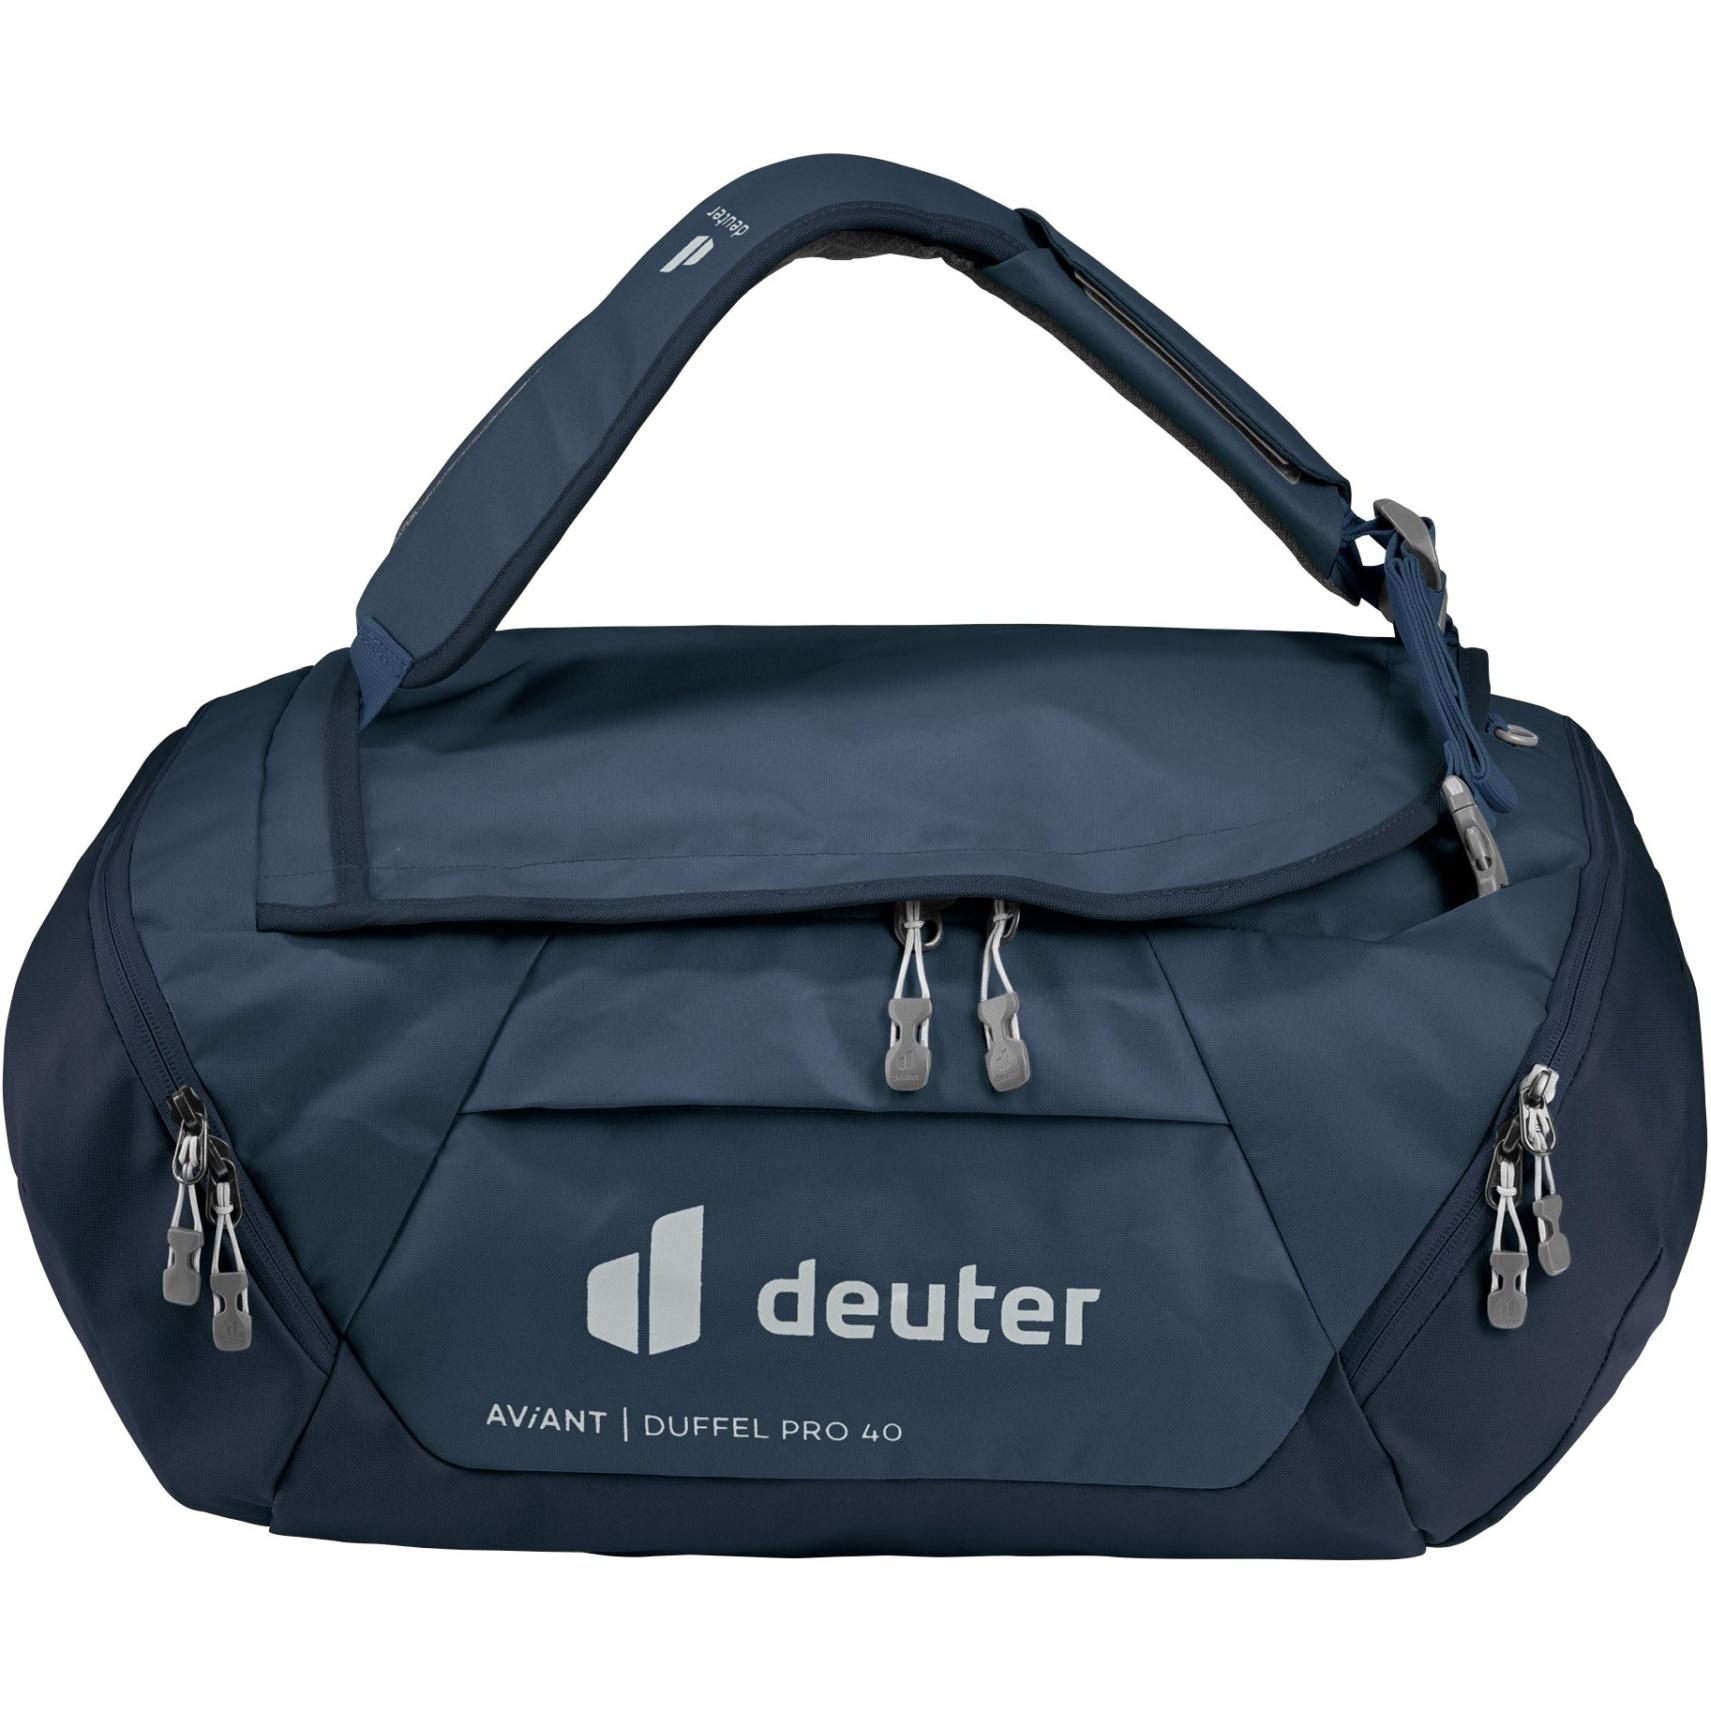 Picture of Deuter AViANT Duffel Pro 40 - marine-ink